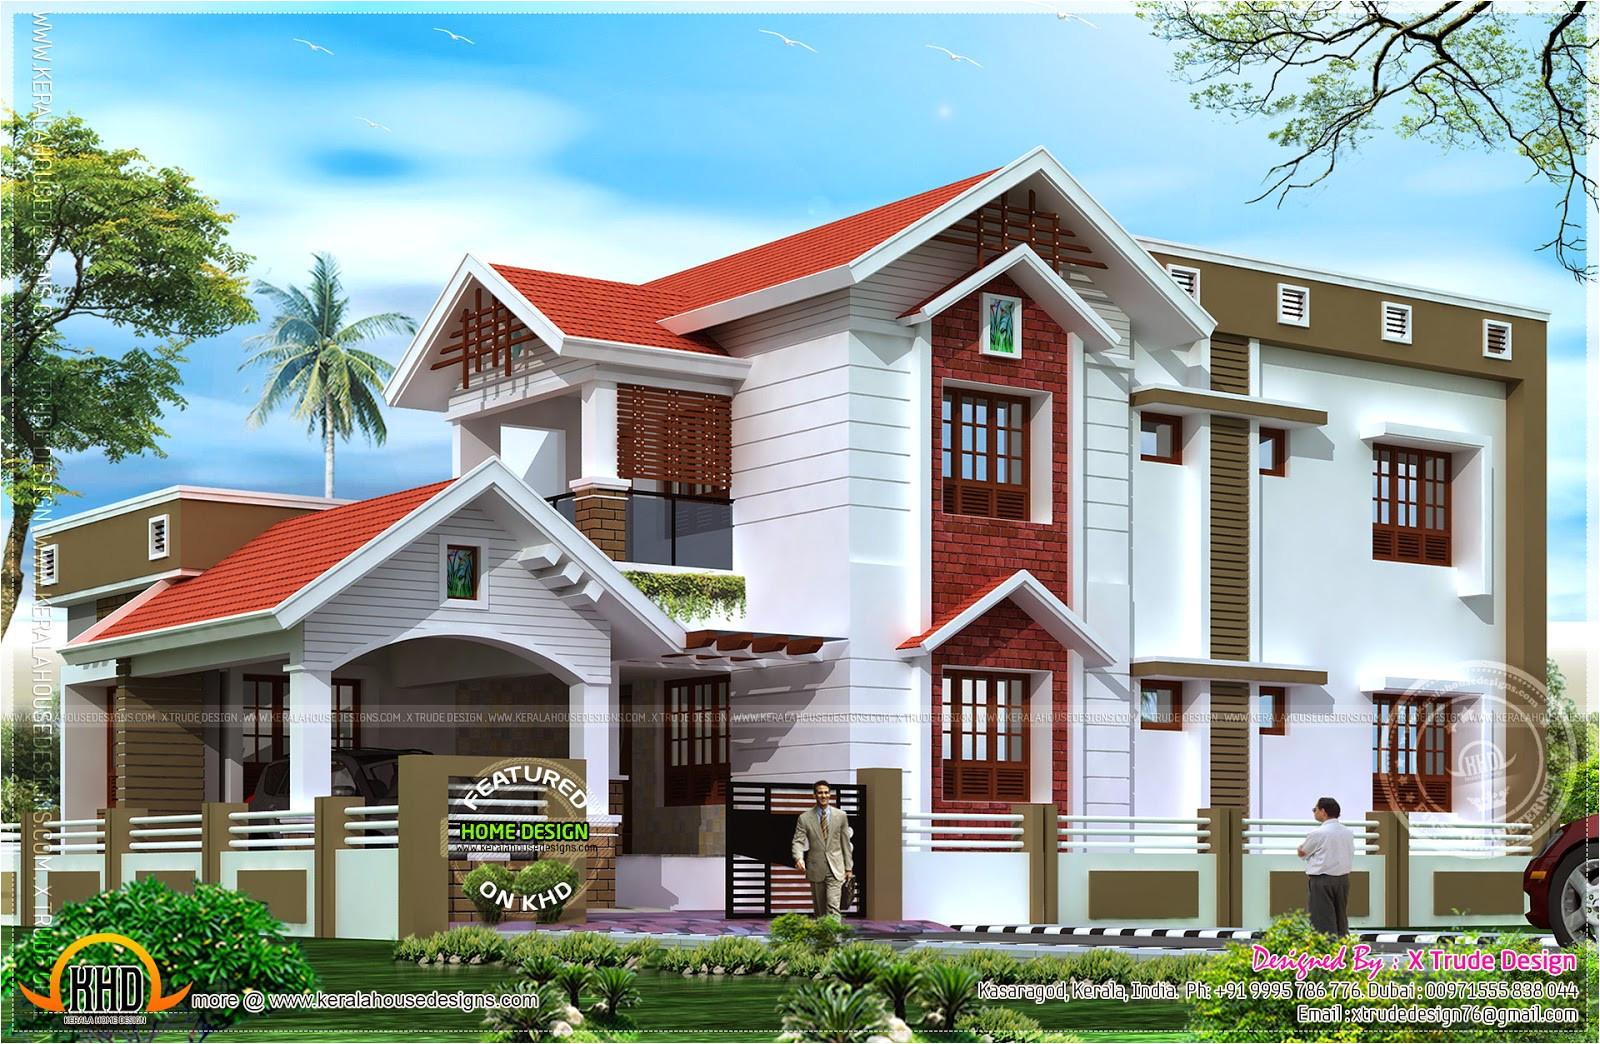 2401 sqft nice house renderings